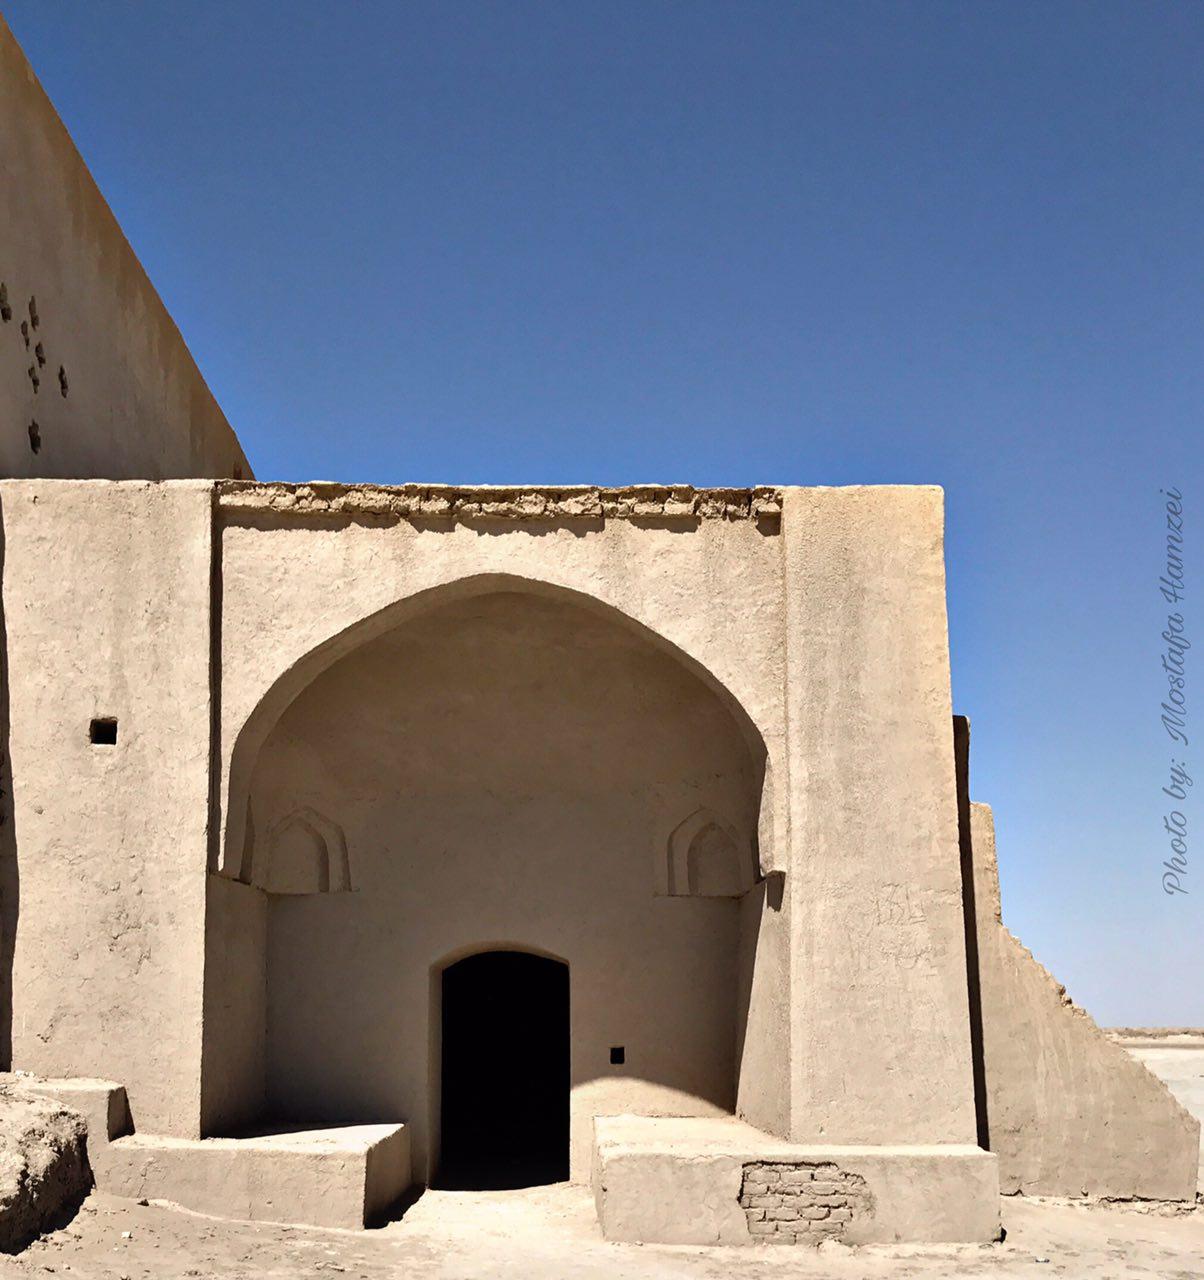 معرفی قلعه مچی سیستان/ استان سیستان و بلوچستان مقصد گردشگری در سال ١٣٩۶